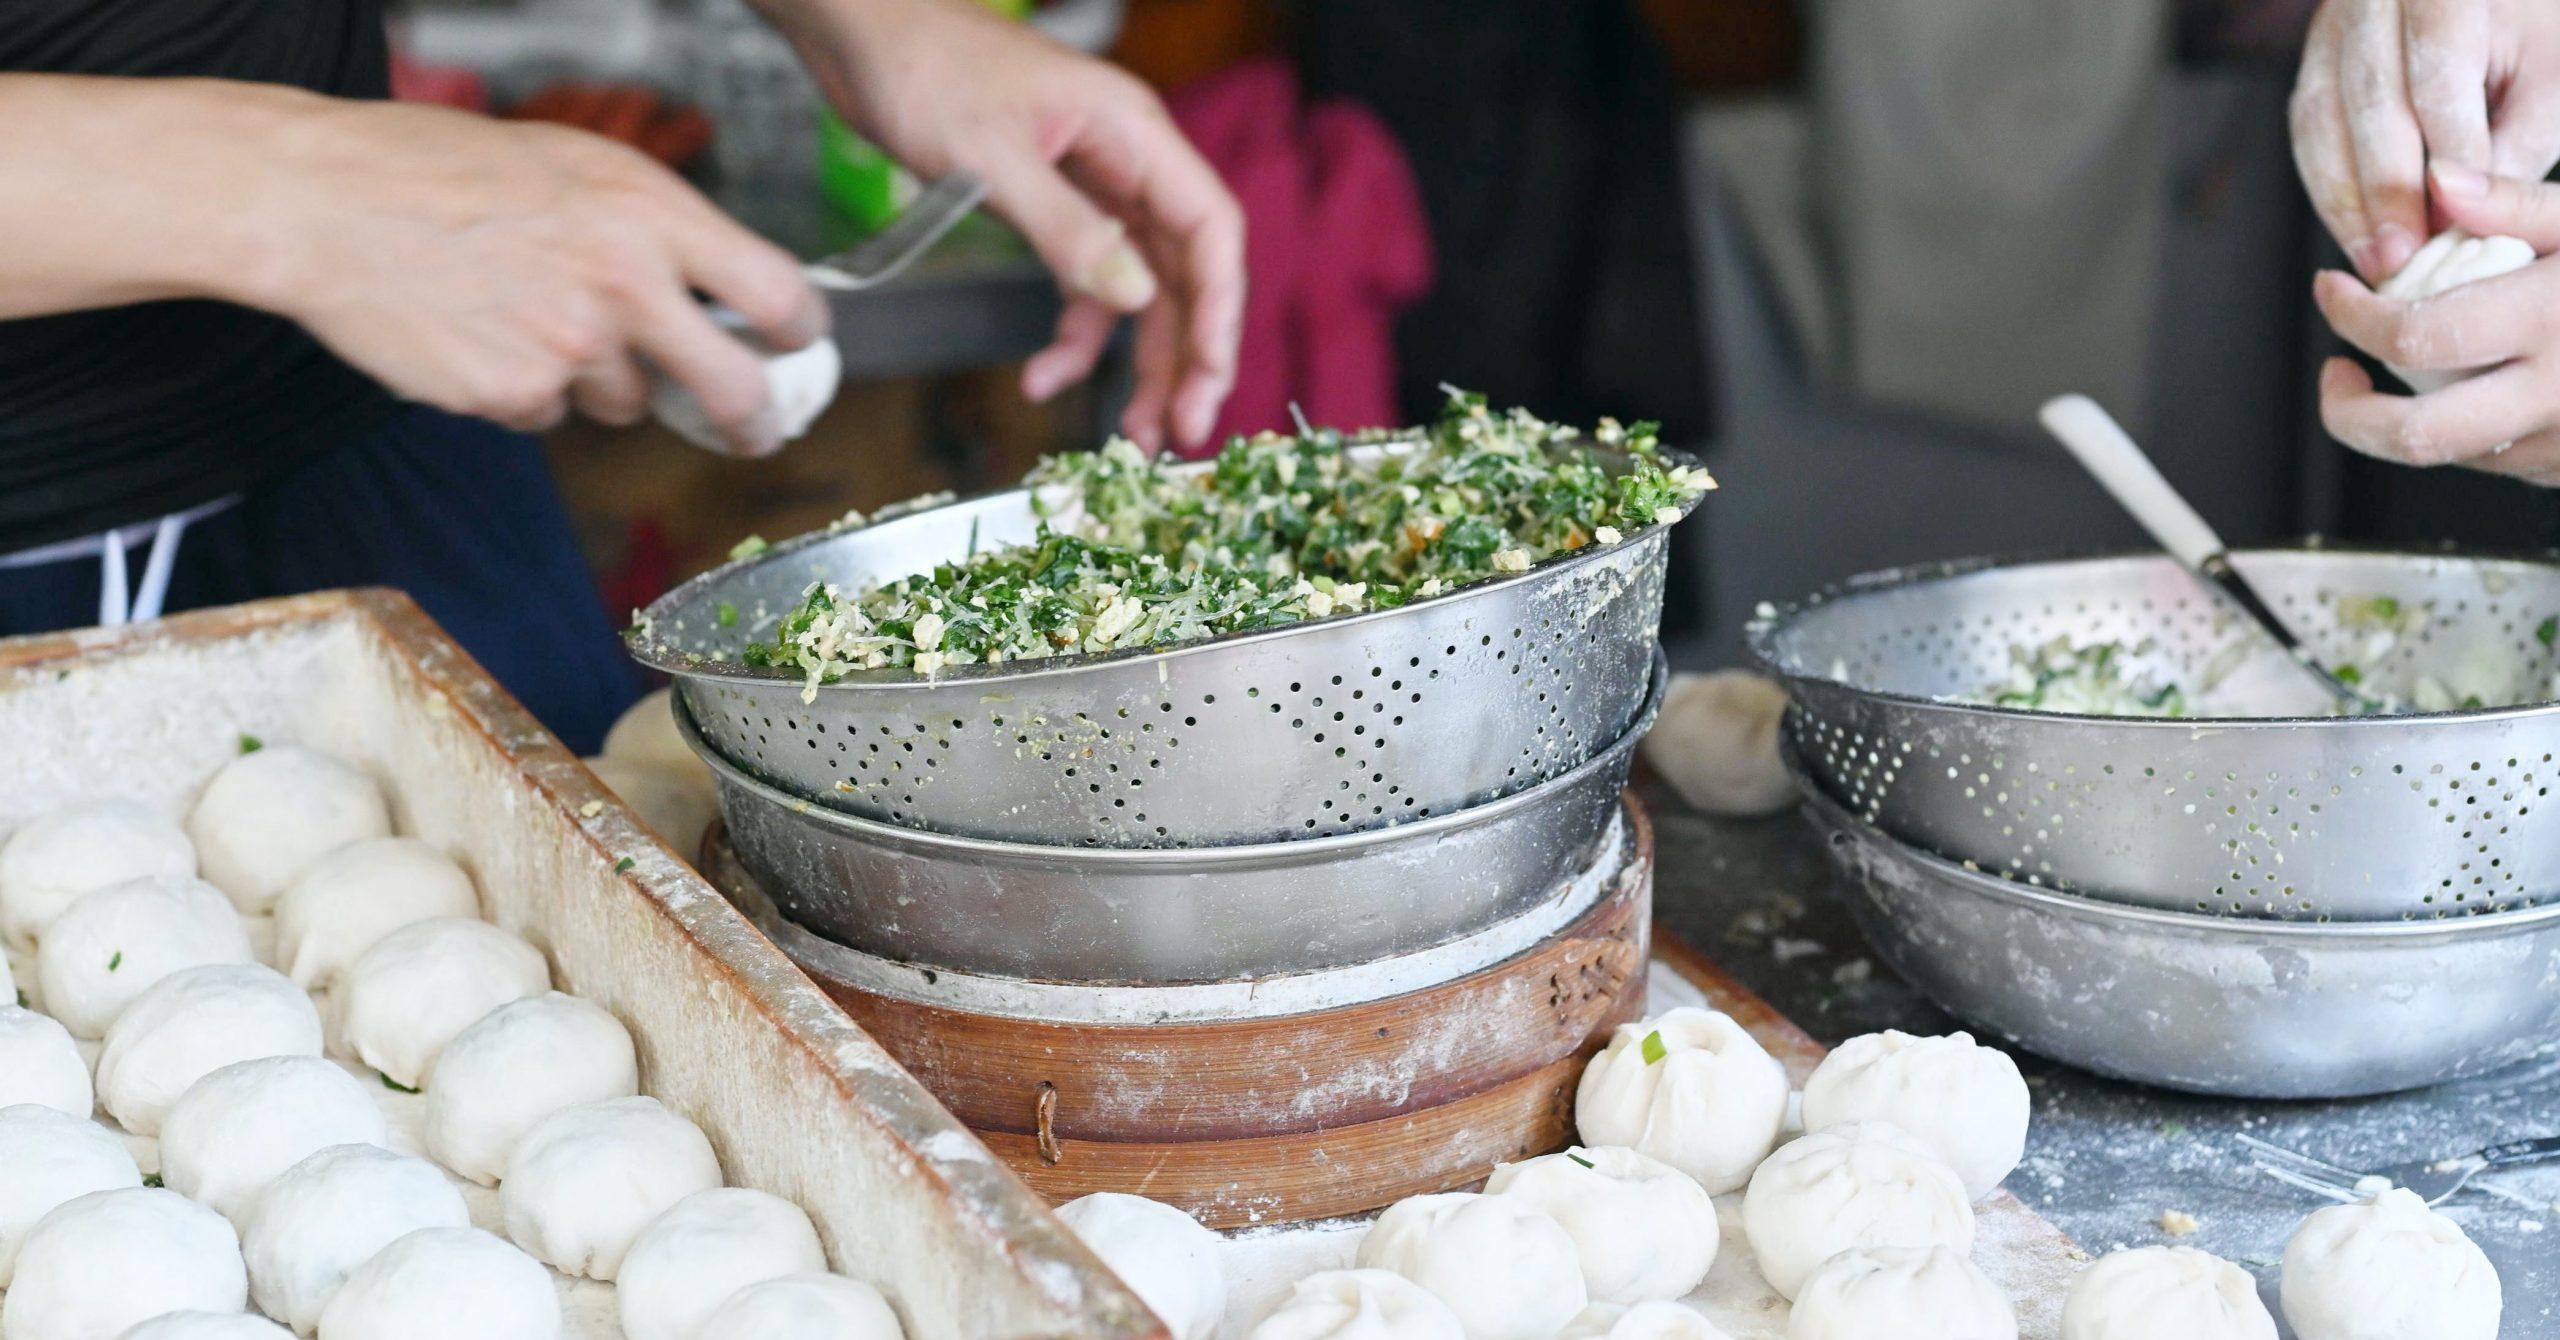 今日熱門文章:【三重美食】信義公園旁水煎包,三重6元小籠包水煎包